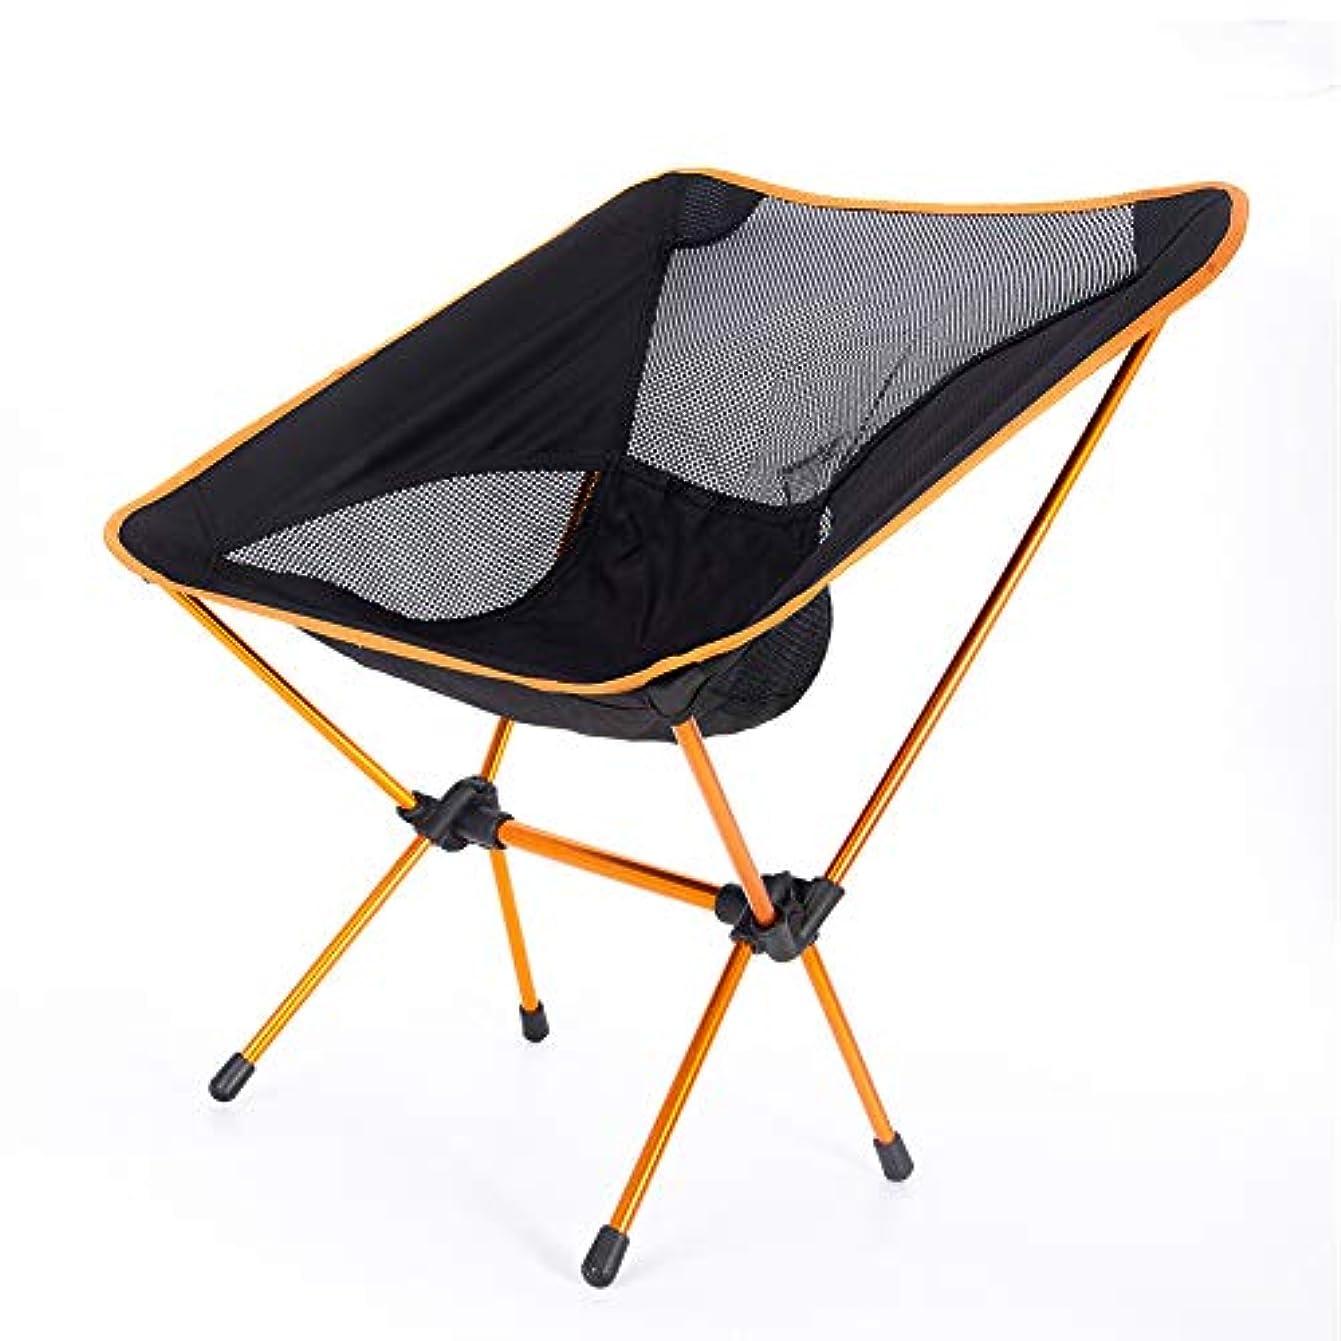 愚かな良心的ライバルAPIE コンパクトチェア アルミ合金&軽量 テーブル アウトドアチェア 背もたれ バーベキュー レジャーチェア (折りたたみ椅子)